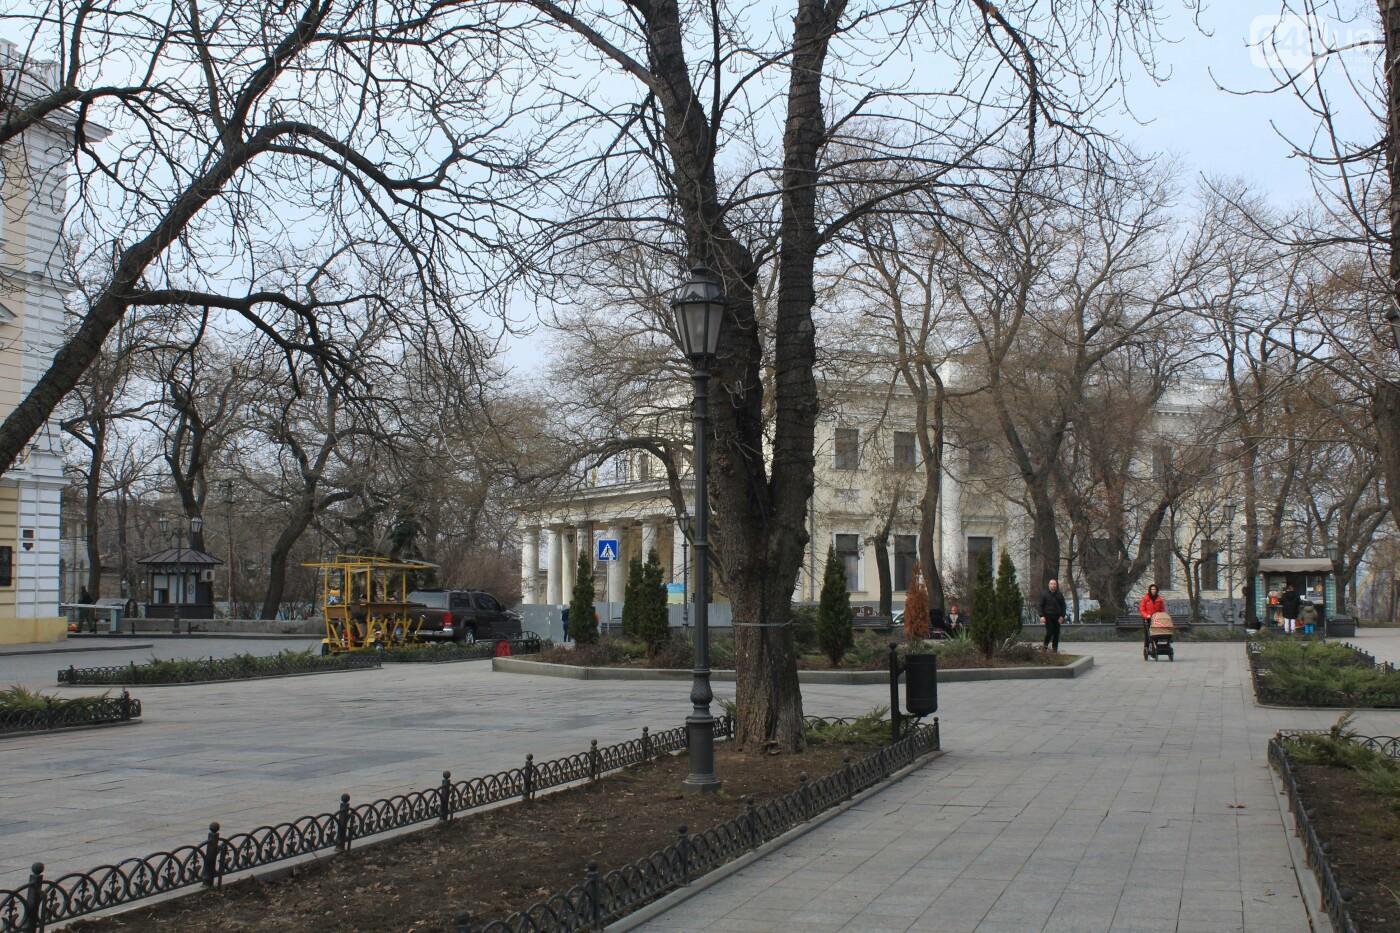 Приморский бульвар в Одессе сегодня и много лет назад: подборка фотографий, - ФОТО , фото-38